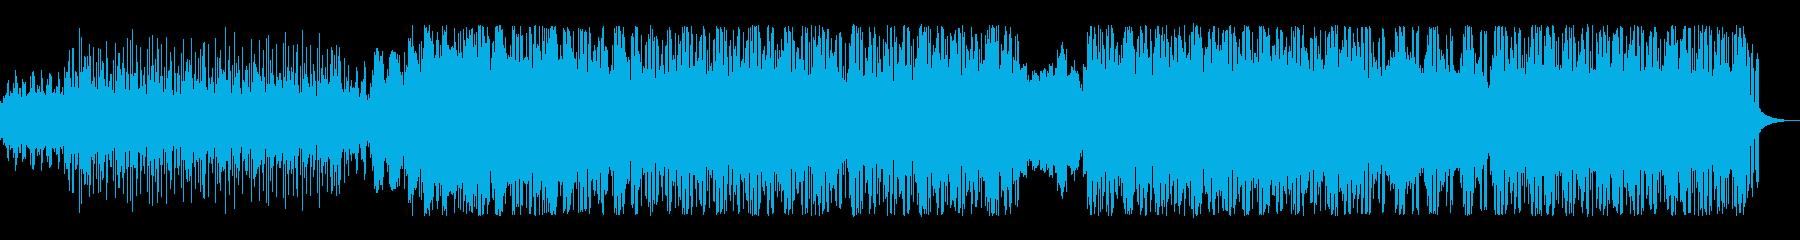 シンプルなミニマルポストロックの再生済みの波形